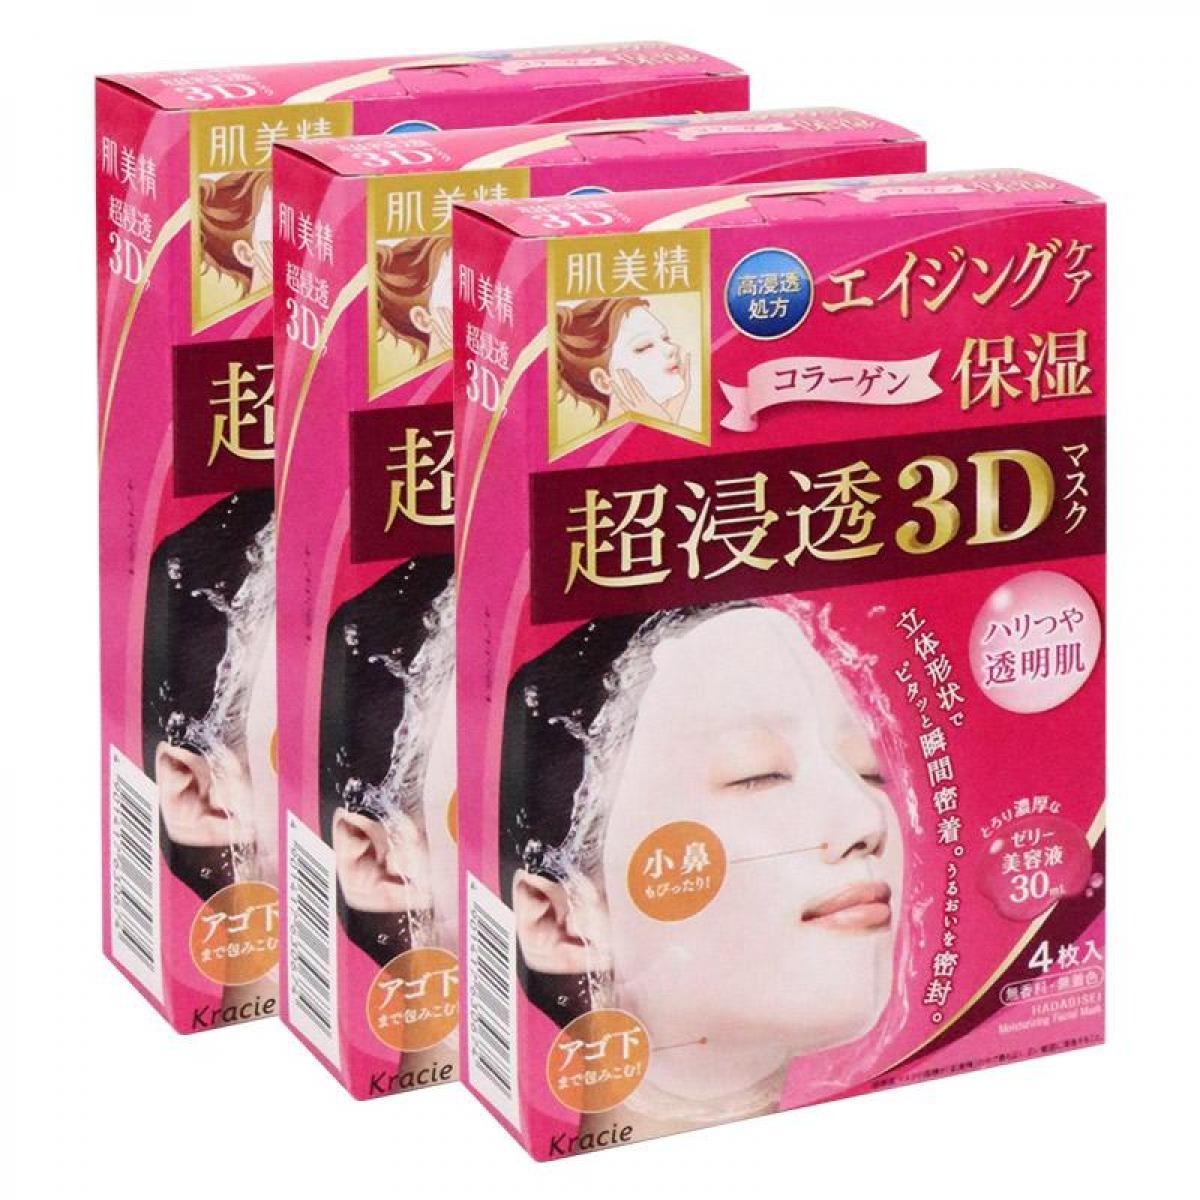 【3盒装】Kracie 肌美精超渗透3D面膜(抗皱保湿)4片